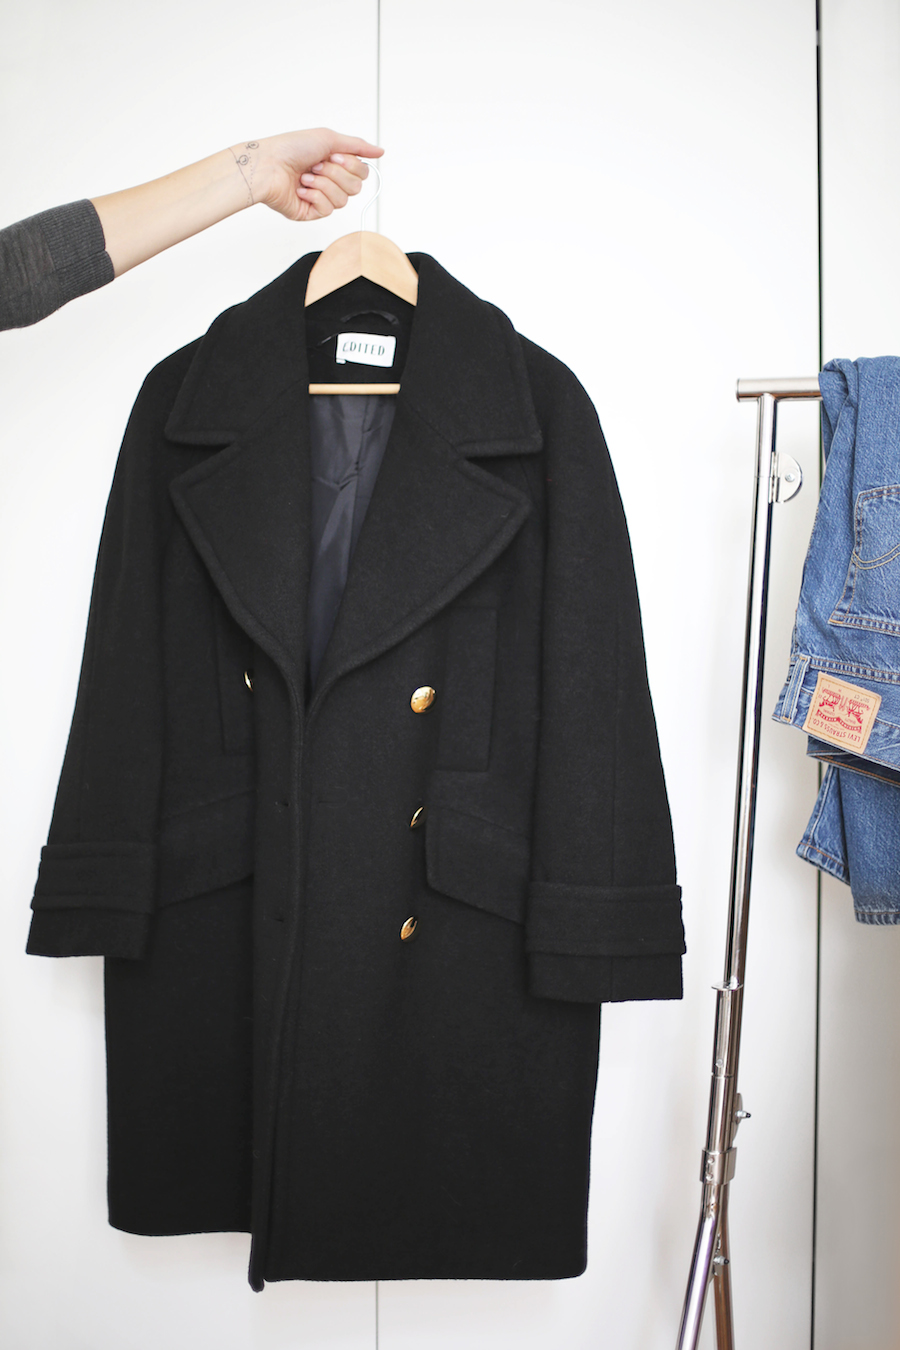 fall_edit_basic_wardrobe_faves_7